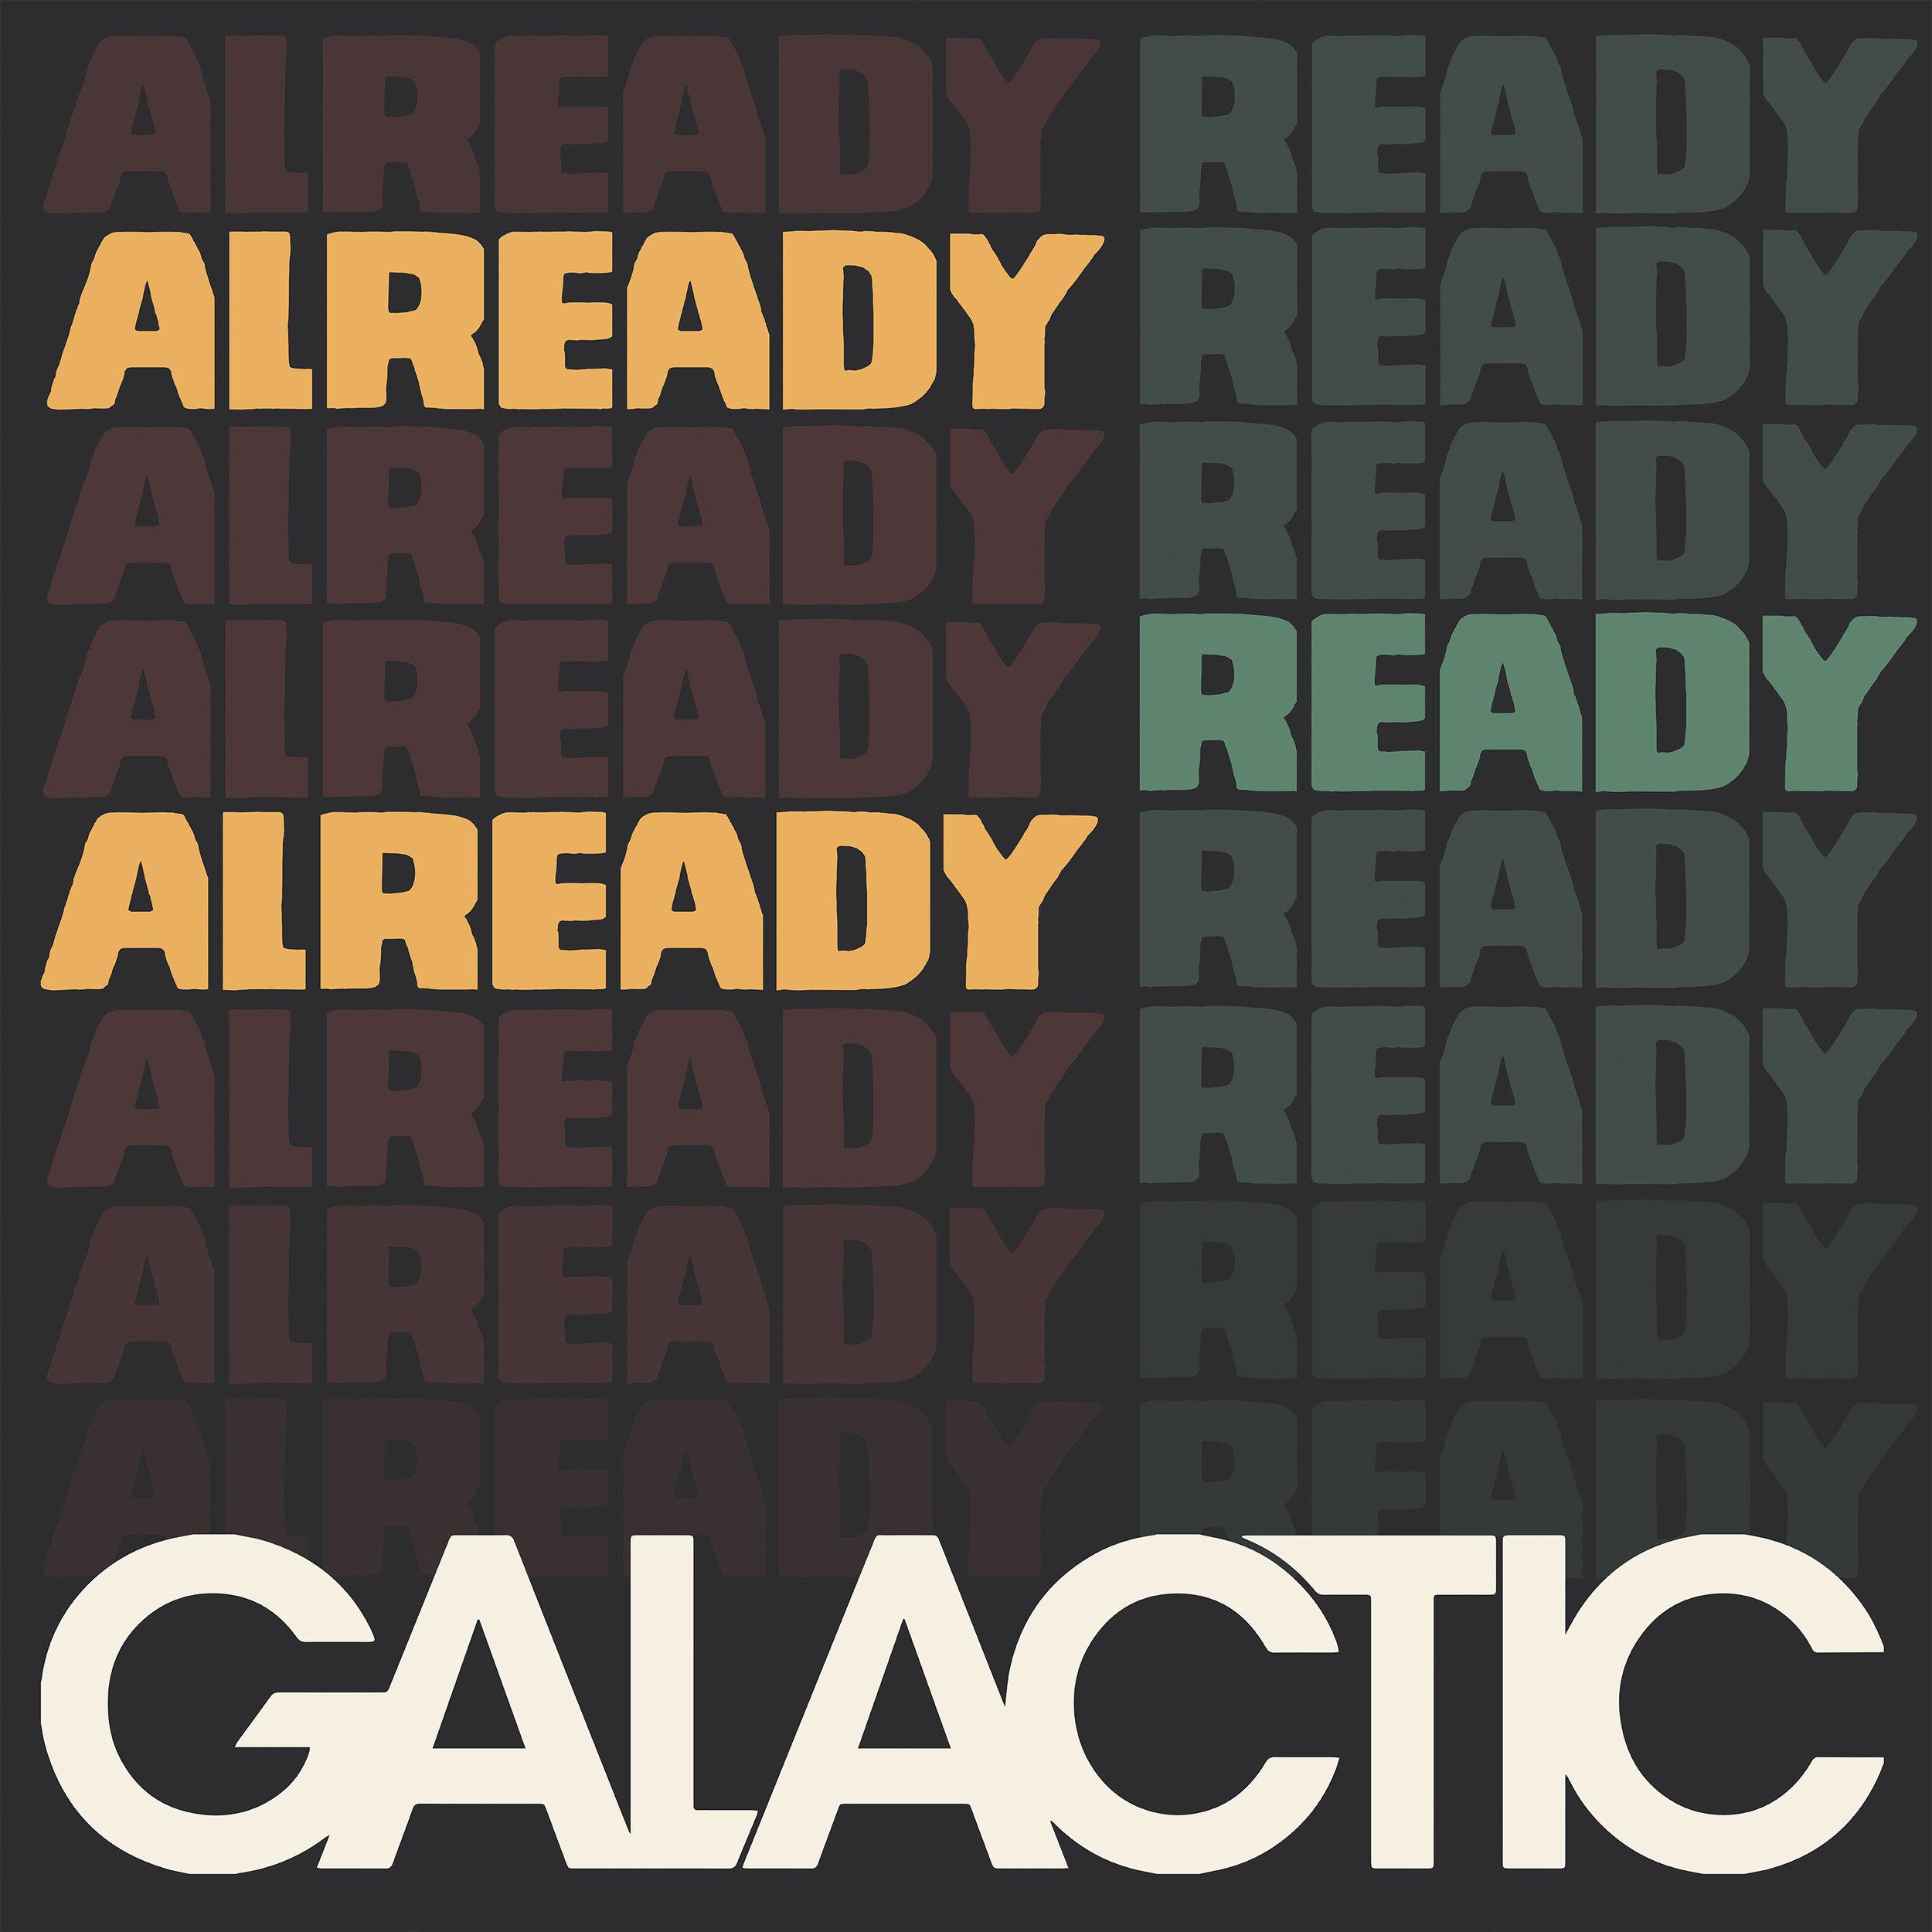 Galactic_Already Ready Already digital art.jpg